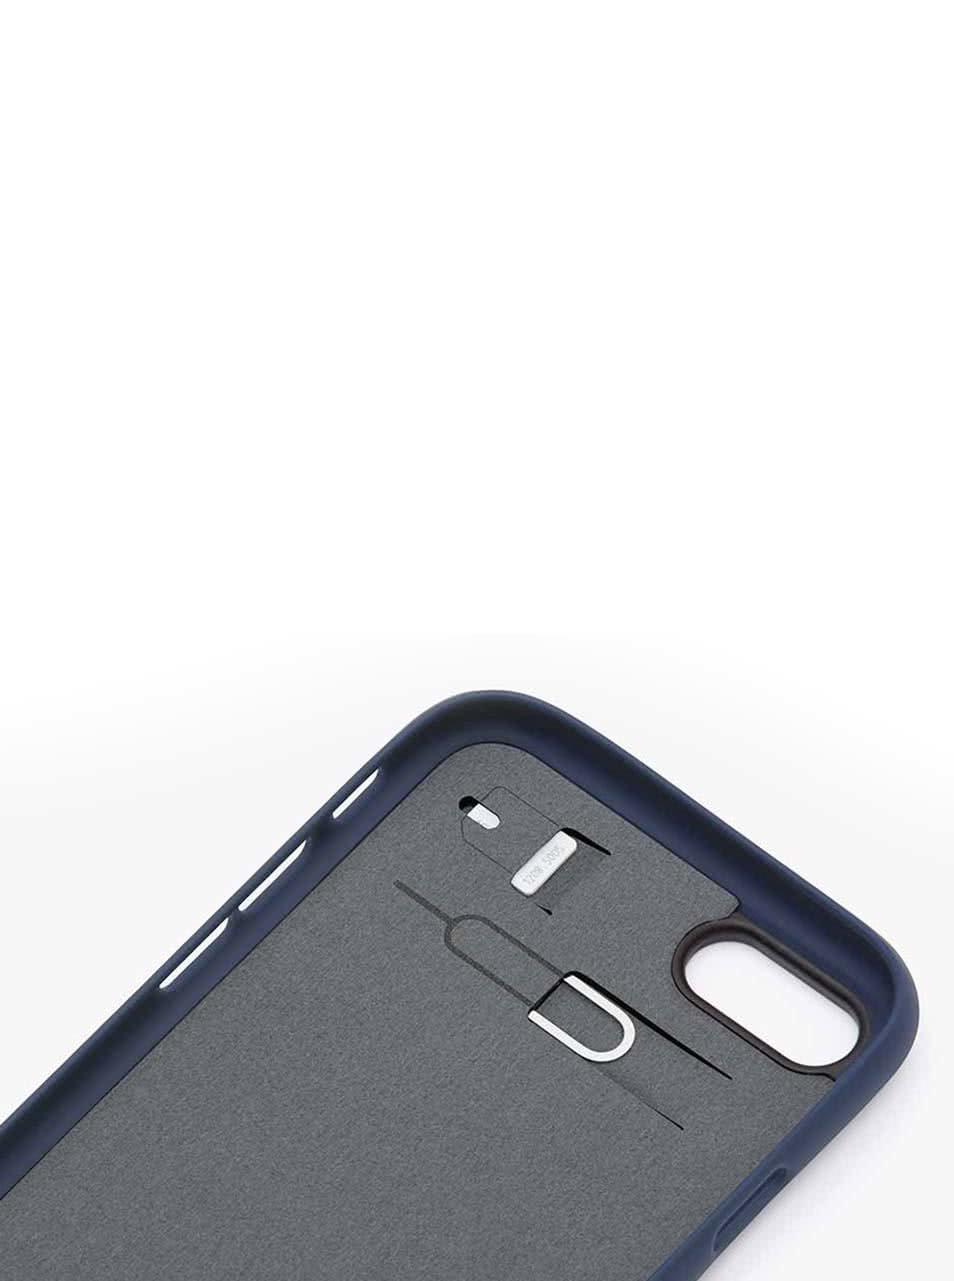 Tmavě modrý kožený kryt pro iPhone 7 s přihrádkou na platební kartu Bellroy